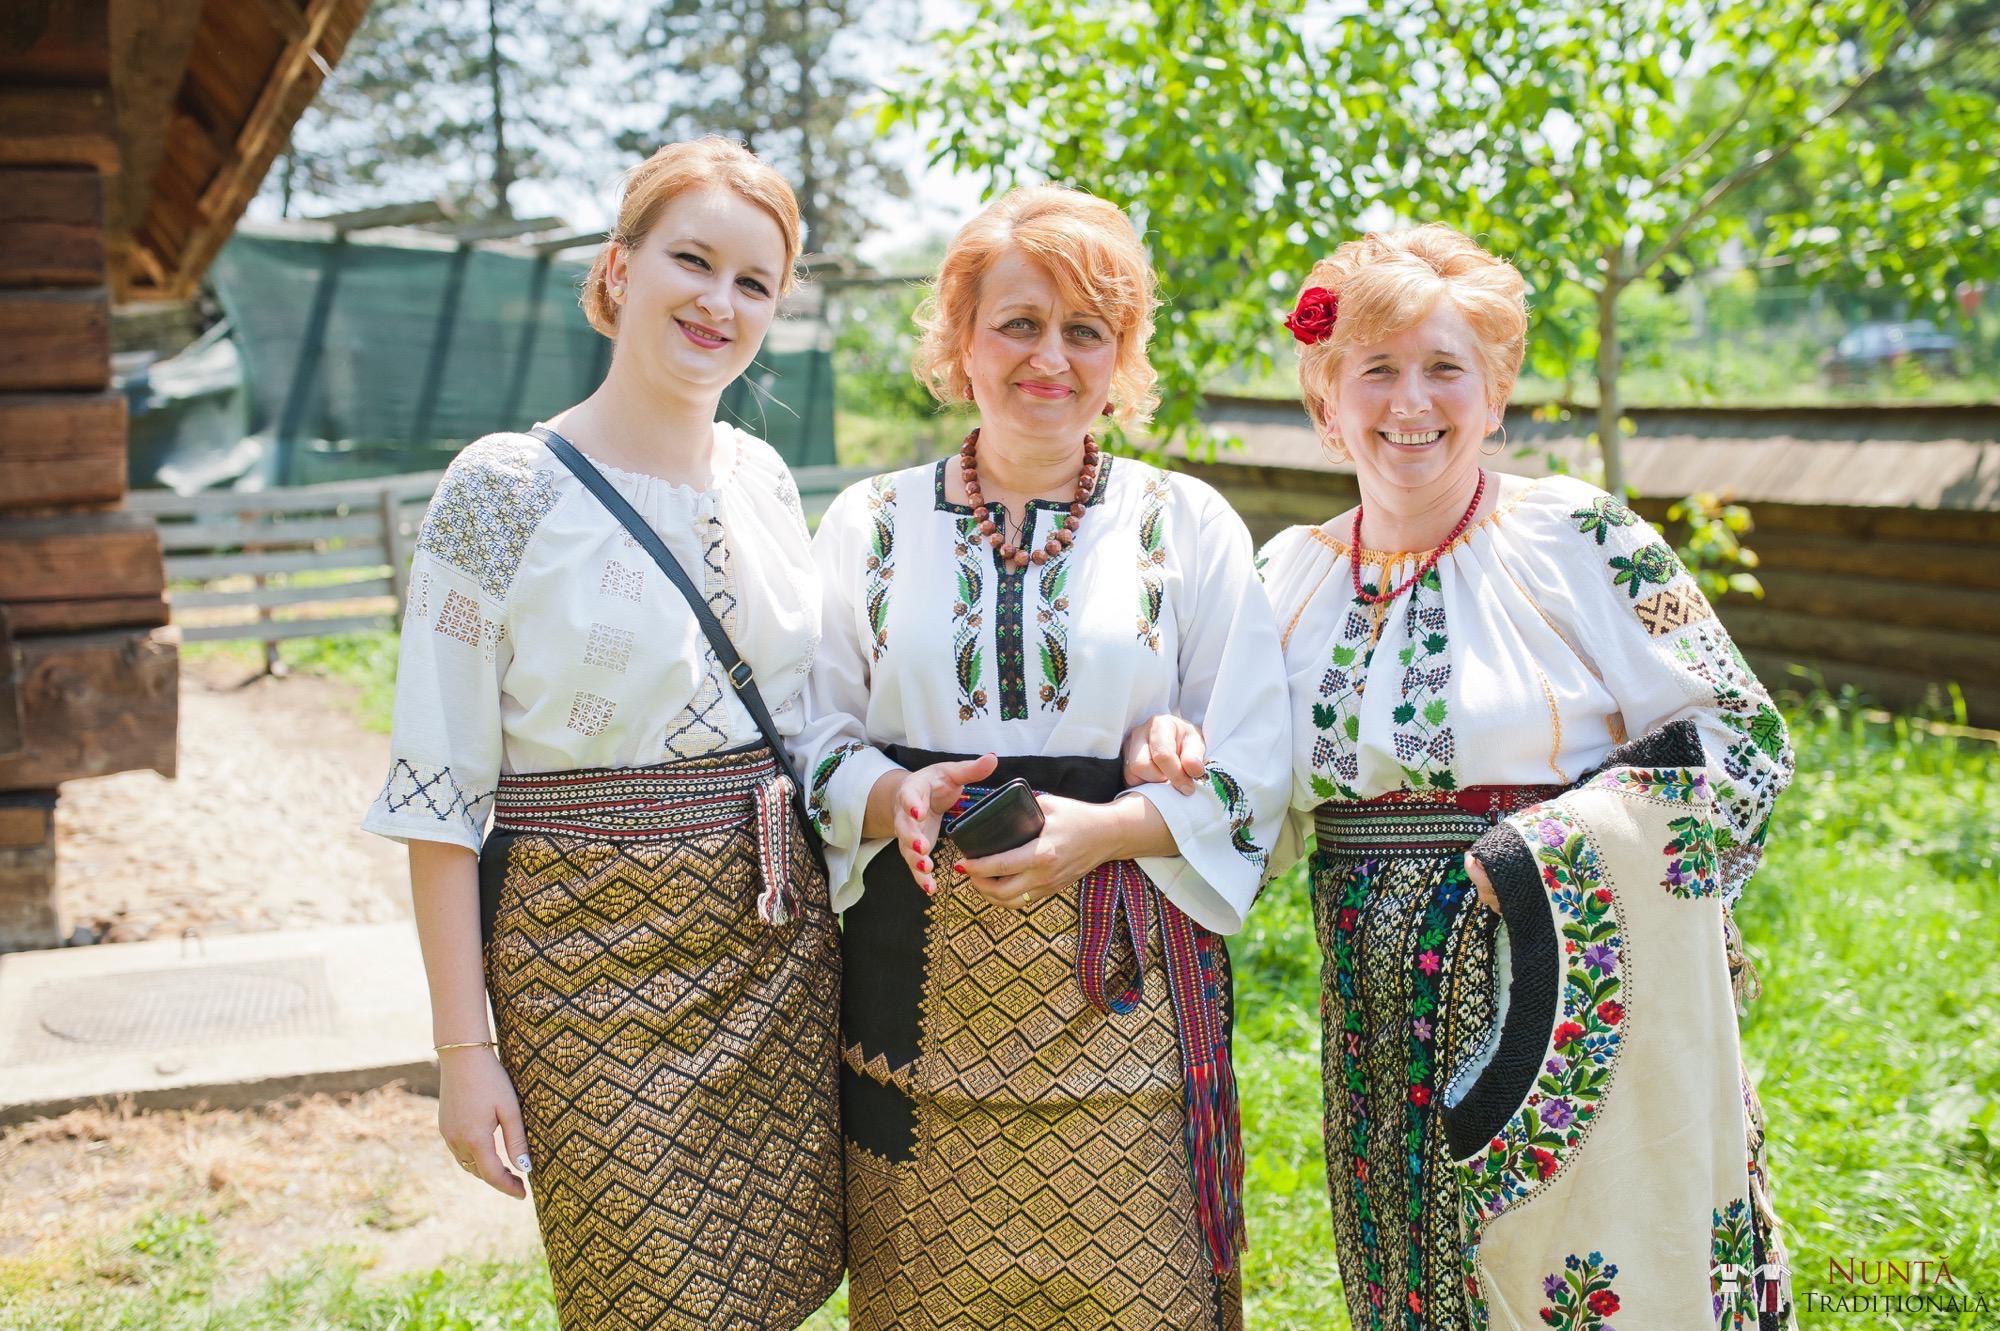 Povești Nunți Tradiționale - Gabriela și Mădălin - Nuntă Tradițională în Suceava, Bucovina 100